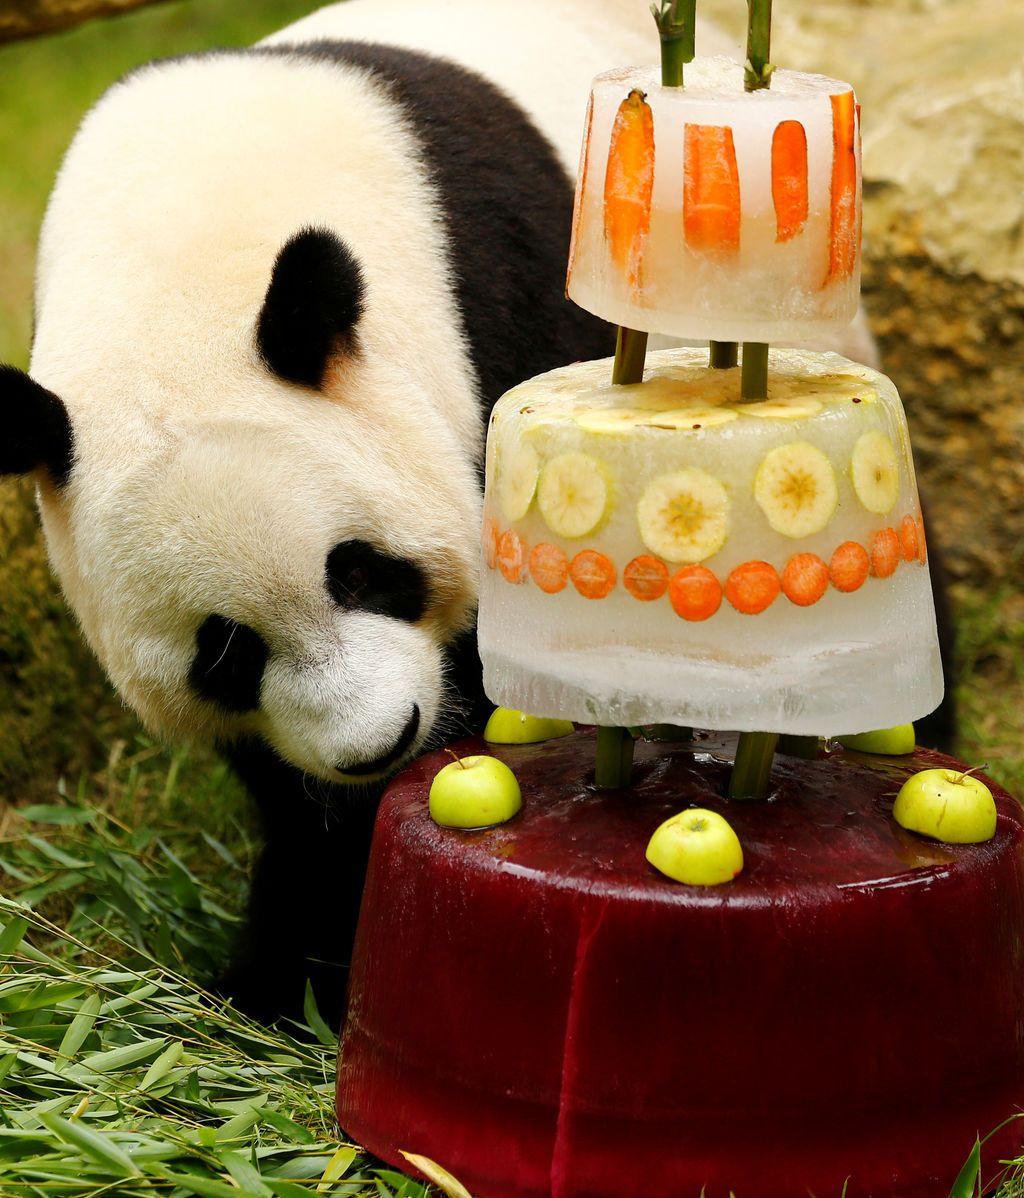 Un oso panda olisquea su tarta de cumpleaños helada en Rhenen, Países Bajos